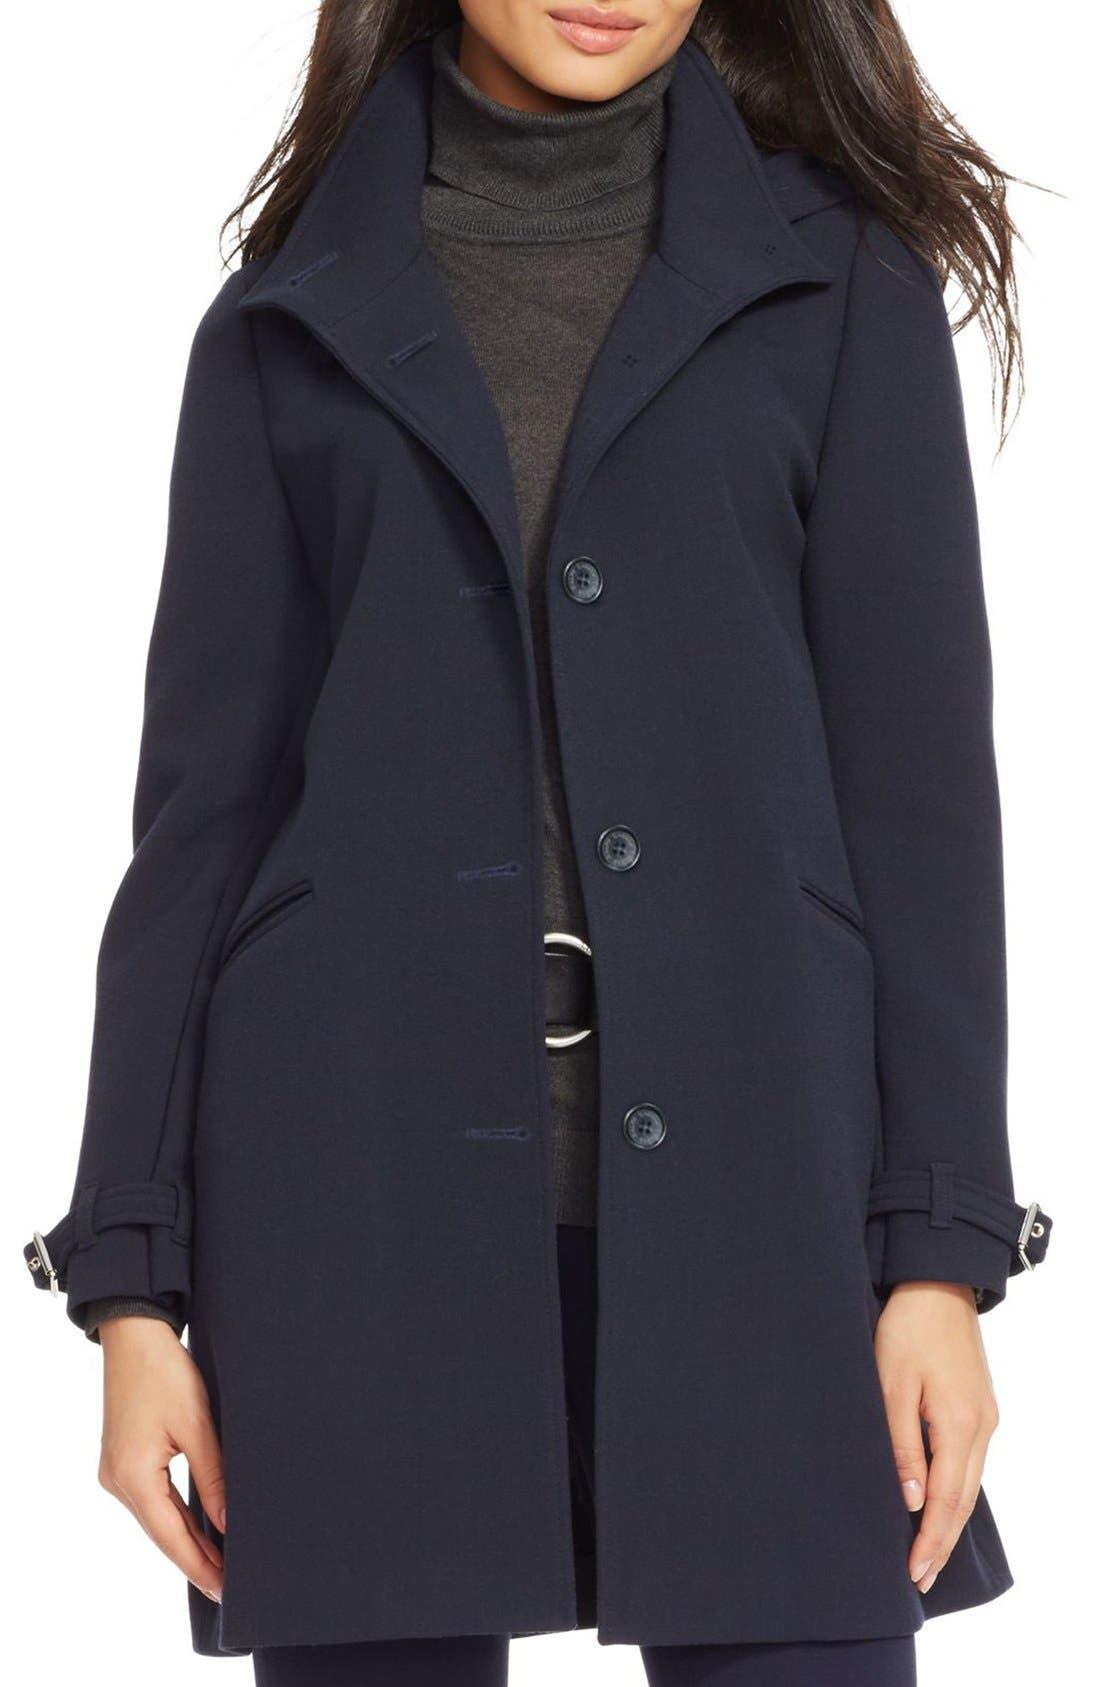 Alternate Image 1 Selected - Lauren Ralph Lauren Crepe A-Line Coat